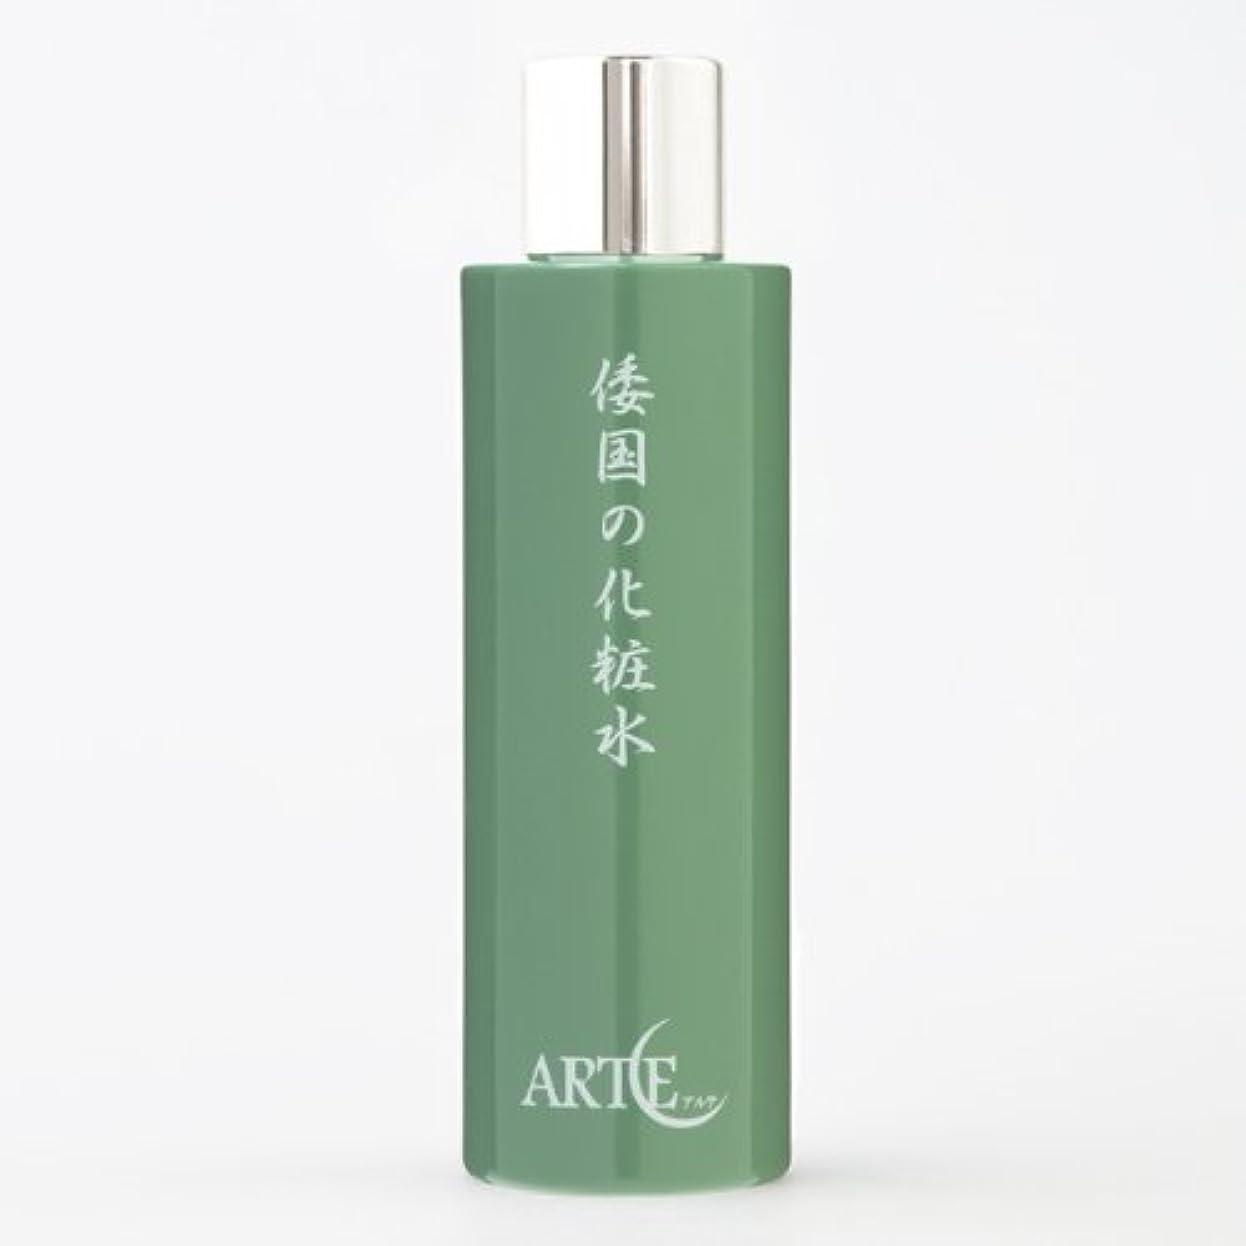 報告書存在するだますアルテ 倭国の化粧水 敏感肌用 100ml